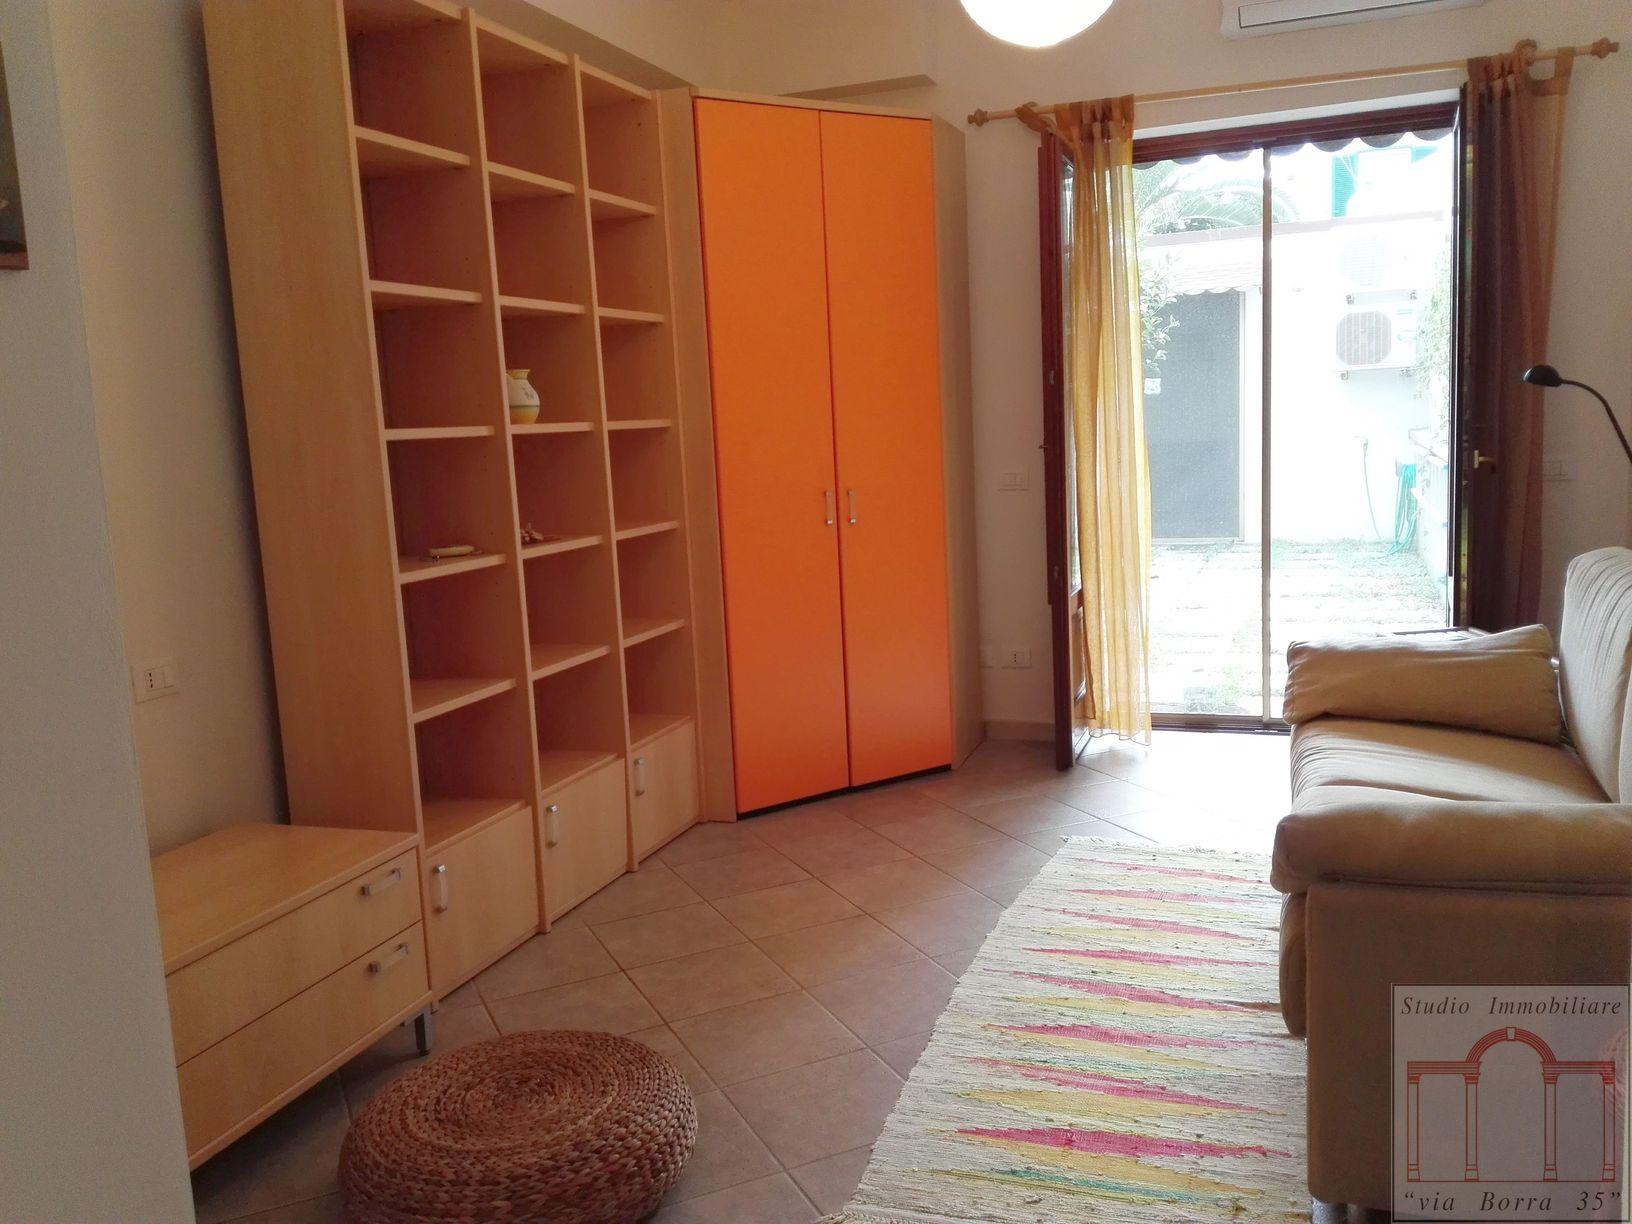 Appartamento in vendita a Livorno, 1 locali, zona Zona: Centro, prezzo € 79.000   Cambio Casa.it